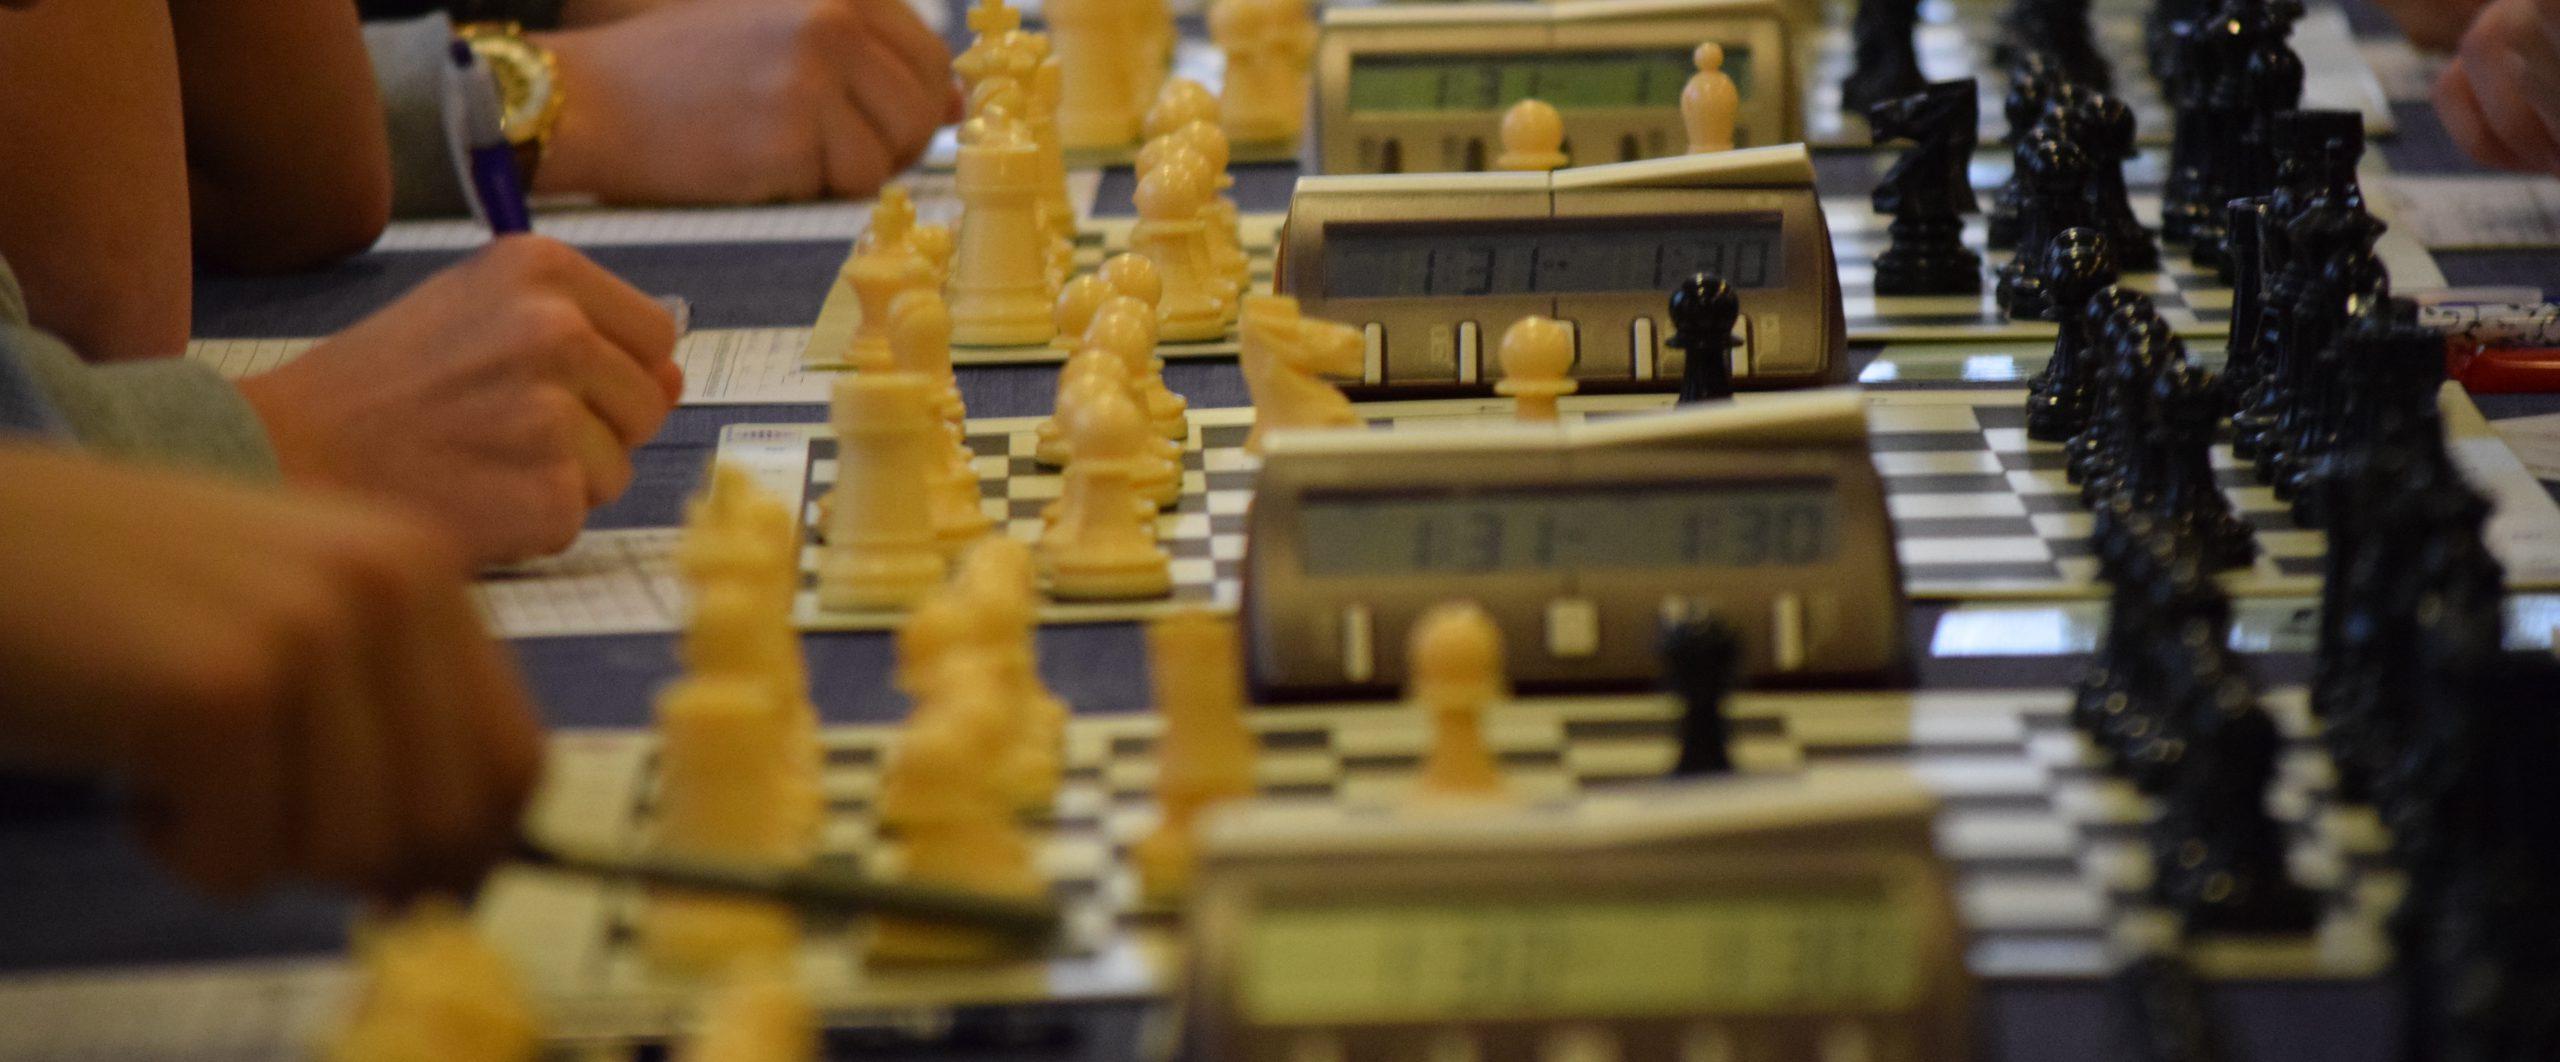 Torneo Escolar PonteXadrez al aire libre